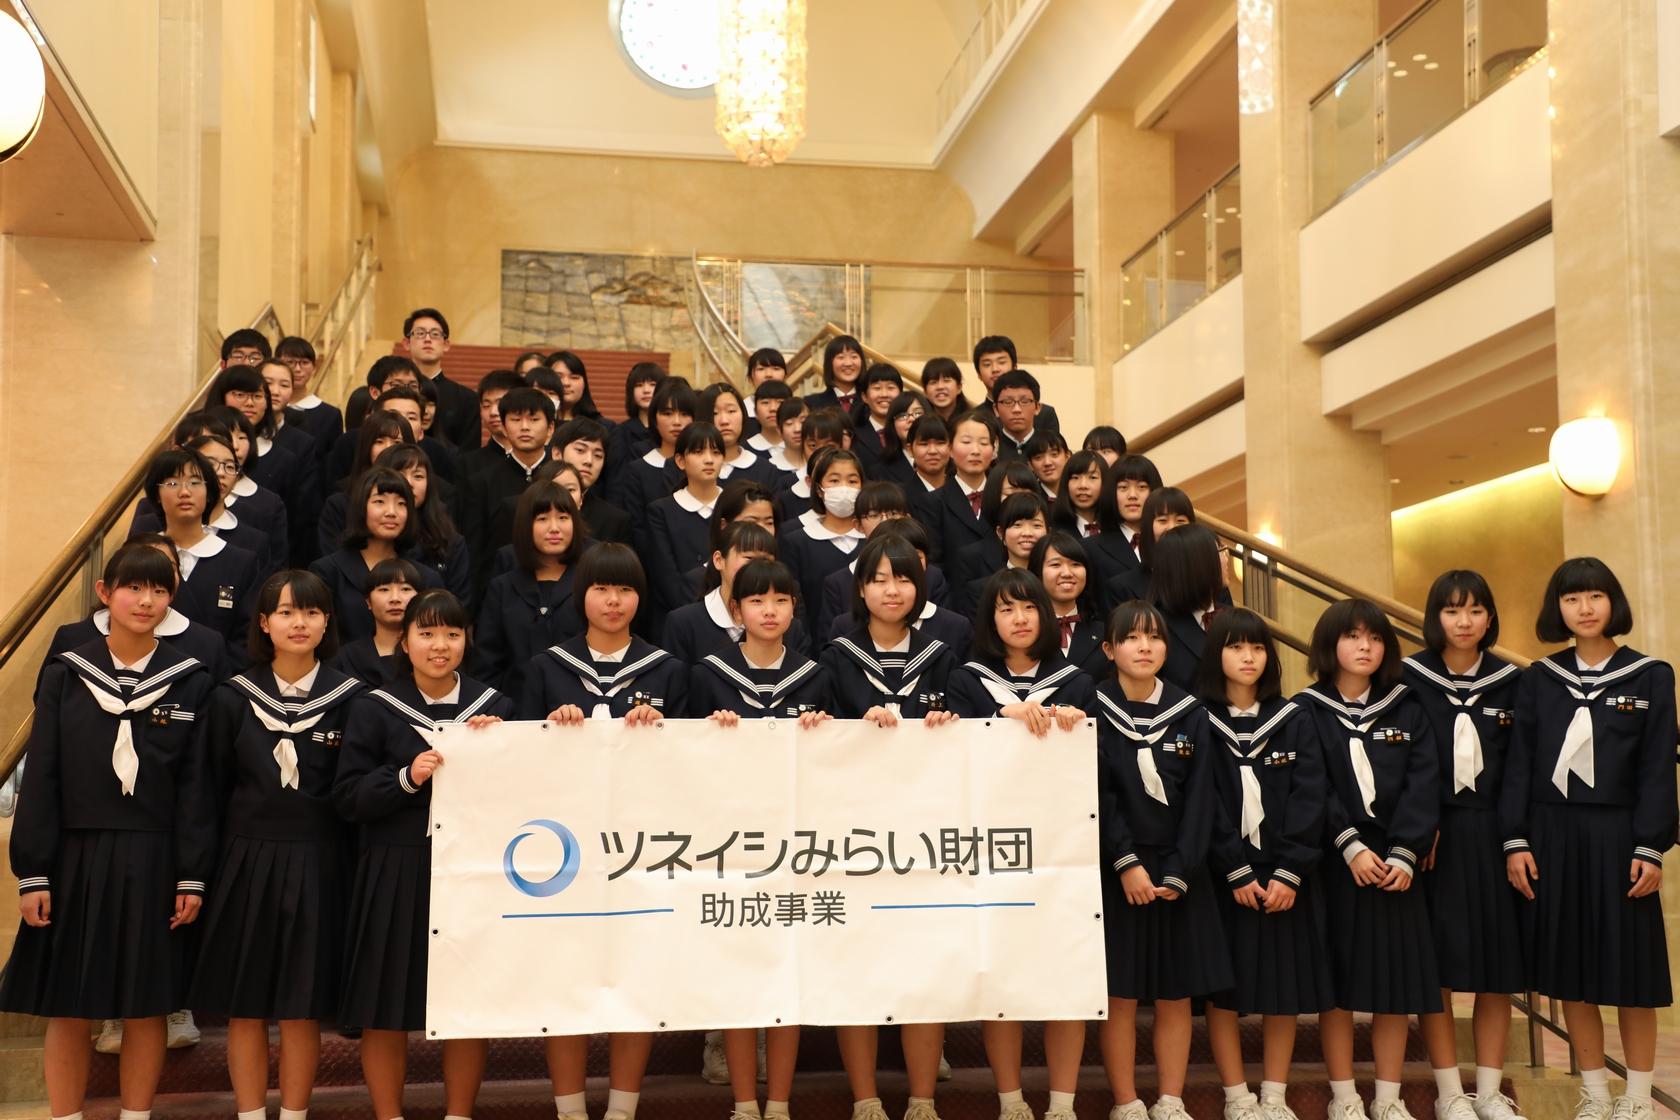 ツネイシみらい財団、広島交響楽団リハーサル・バックステージツアーに中高生を招待